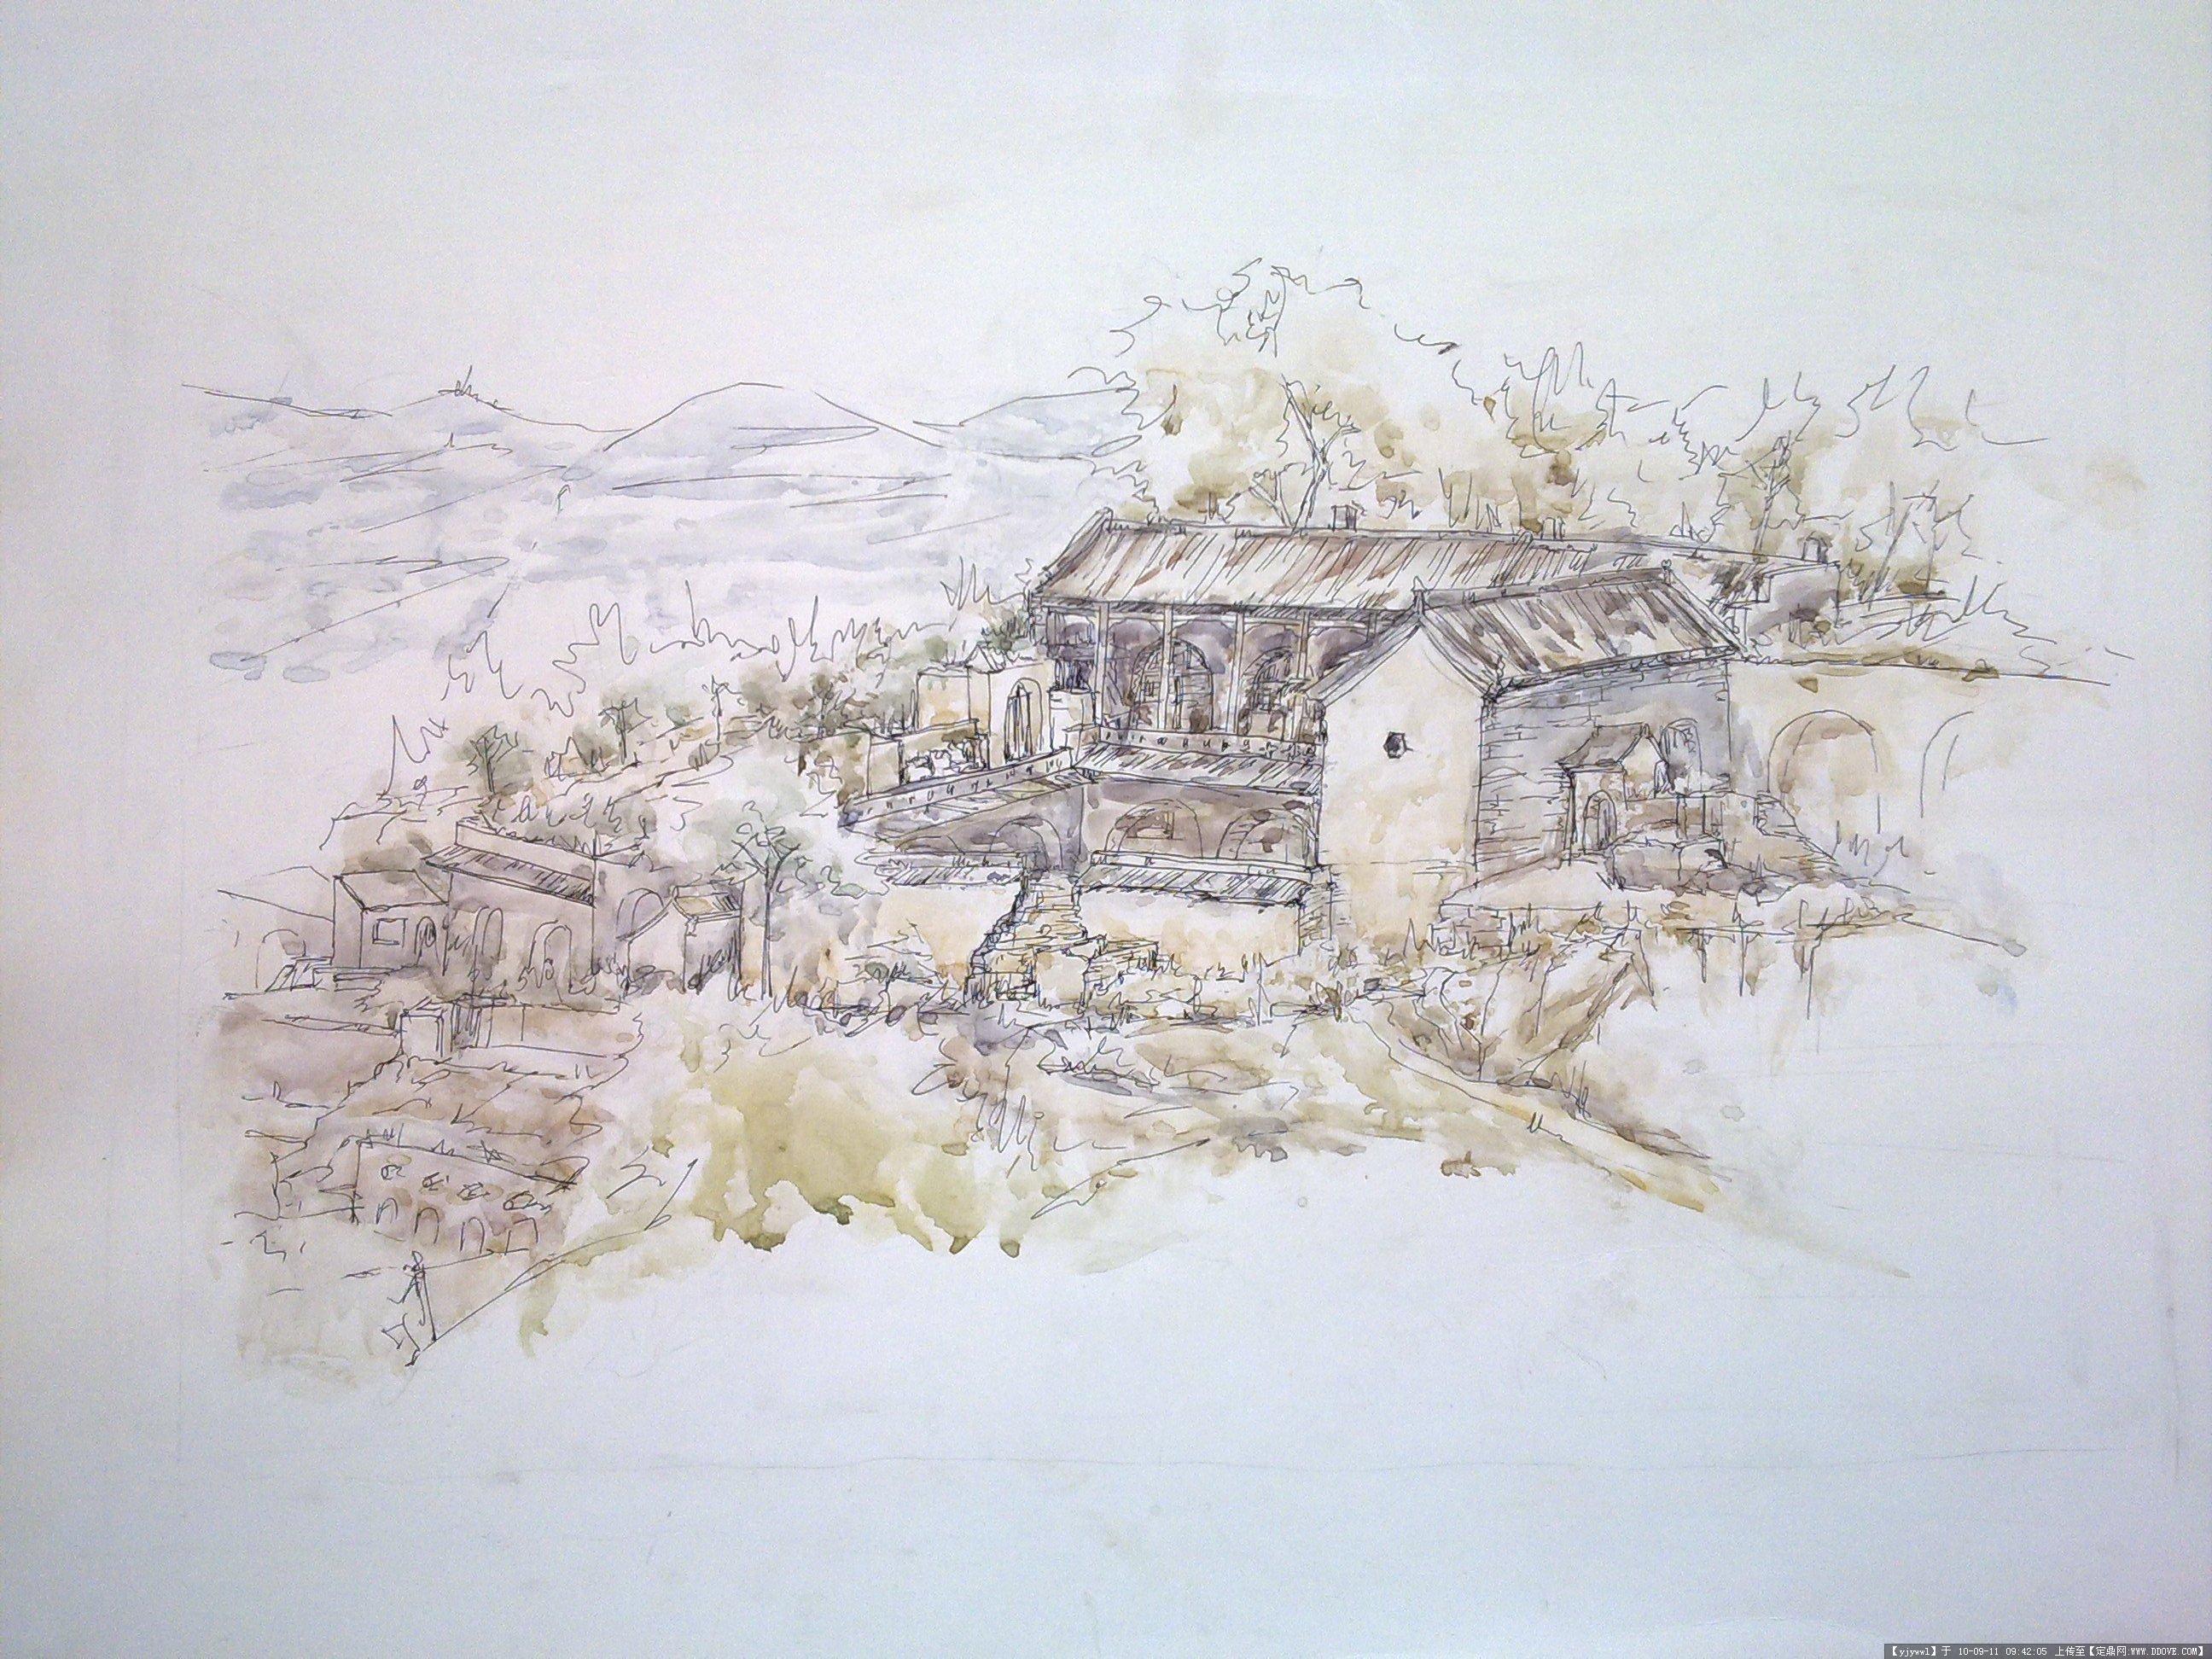 建筑风景钢笔画临摹图 简单钢笔画图片大全最简单  简单铅笔风景速写